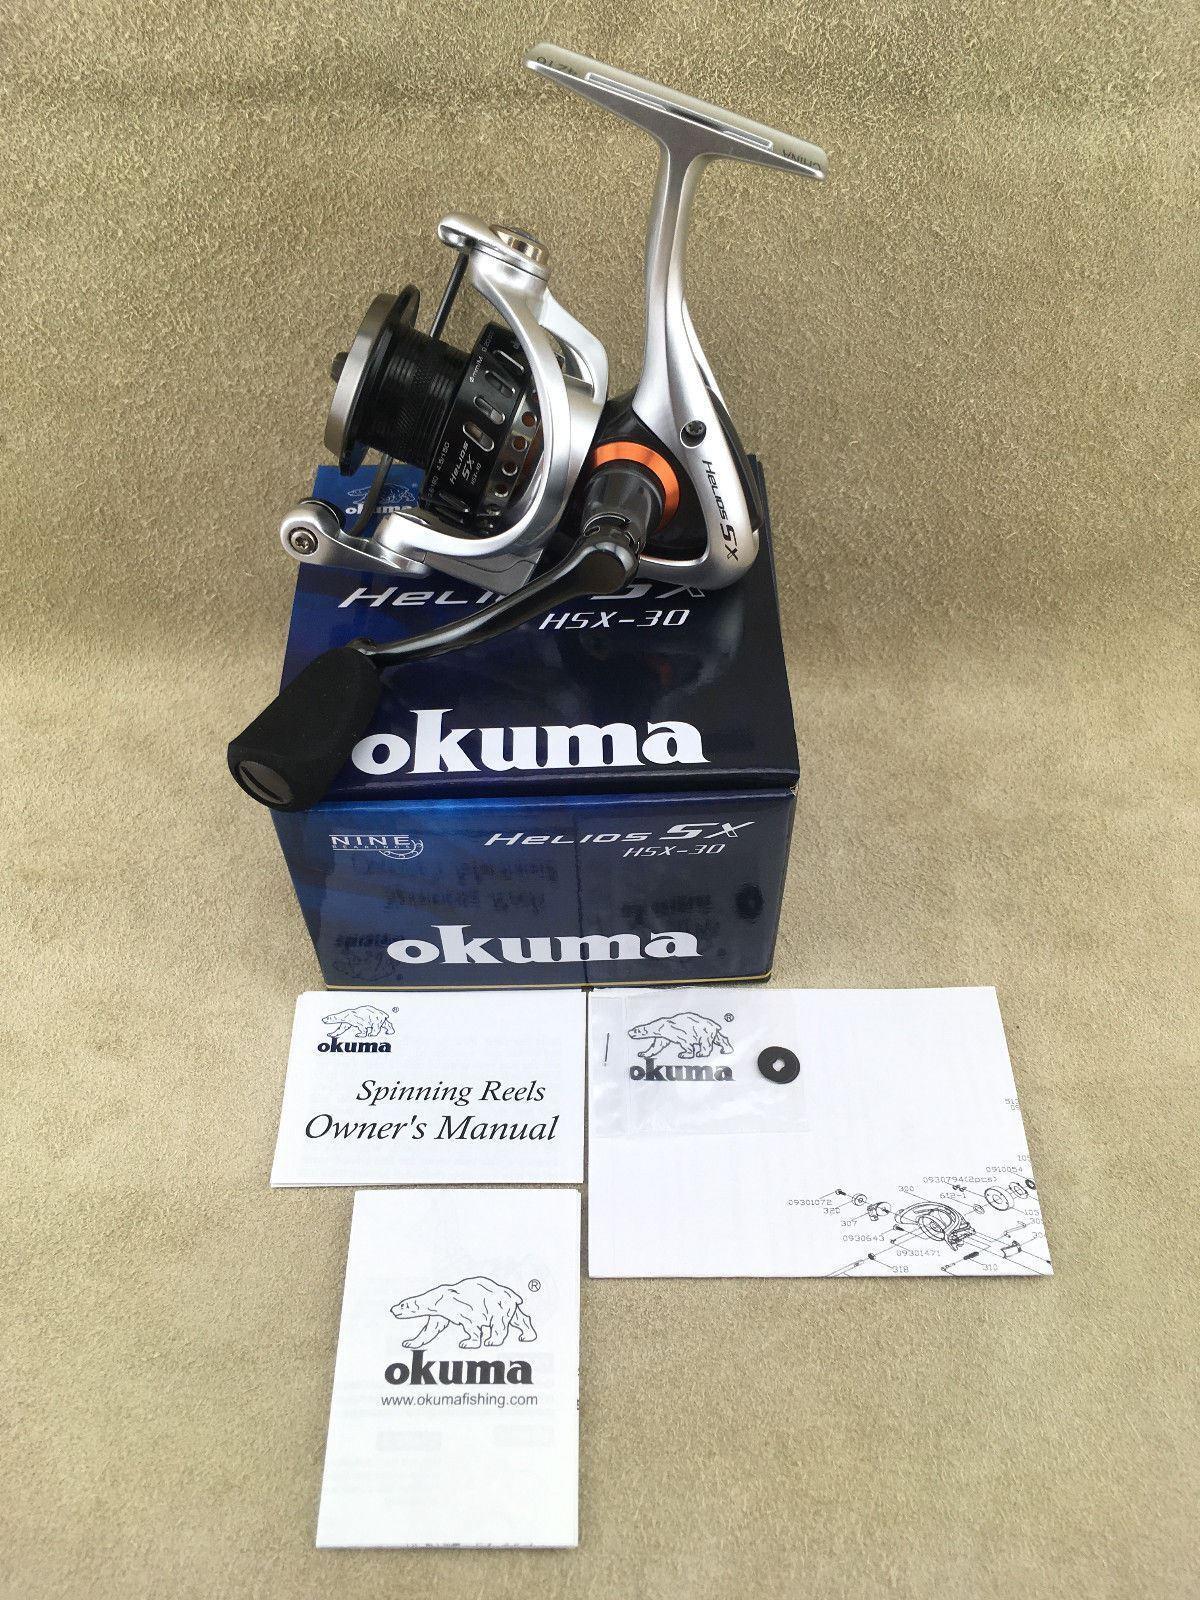 Okuma Helios SX Hsx Frontbremsen Stationärrolle Hsx-20,Hsx-30,Hsx-40,Hsx-40s    | Spielzeug mit kindlichen Herzen herstellen  3b5ffd